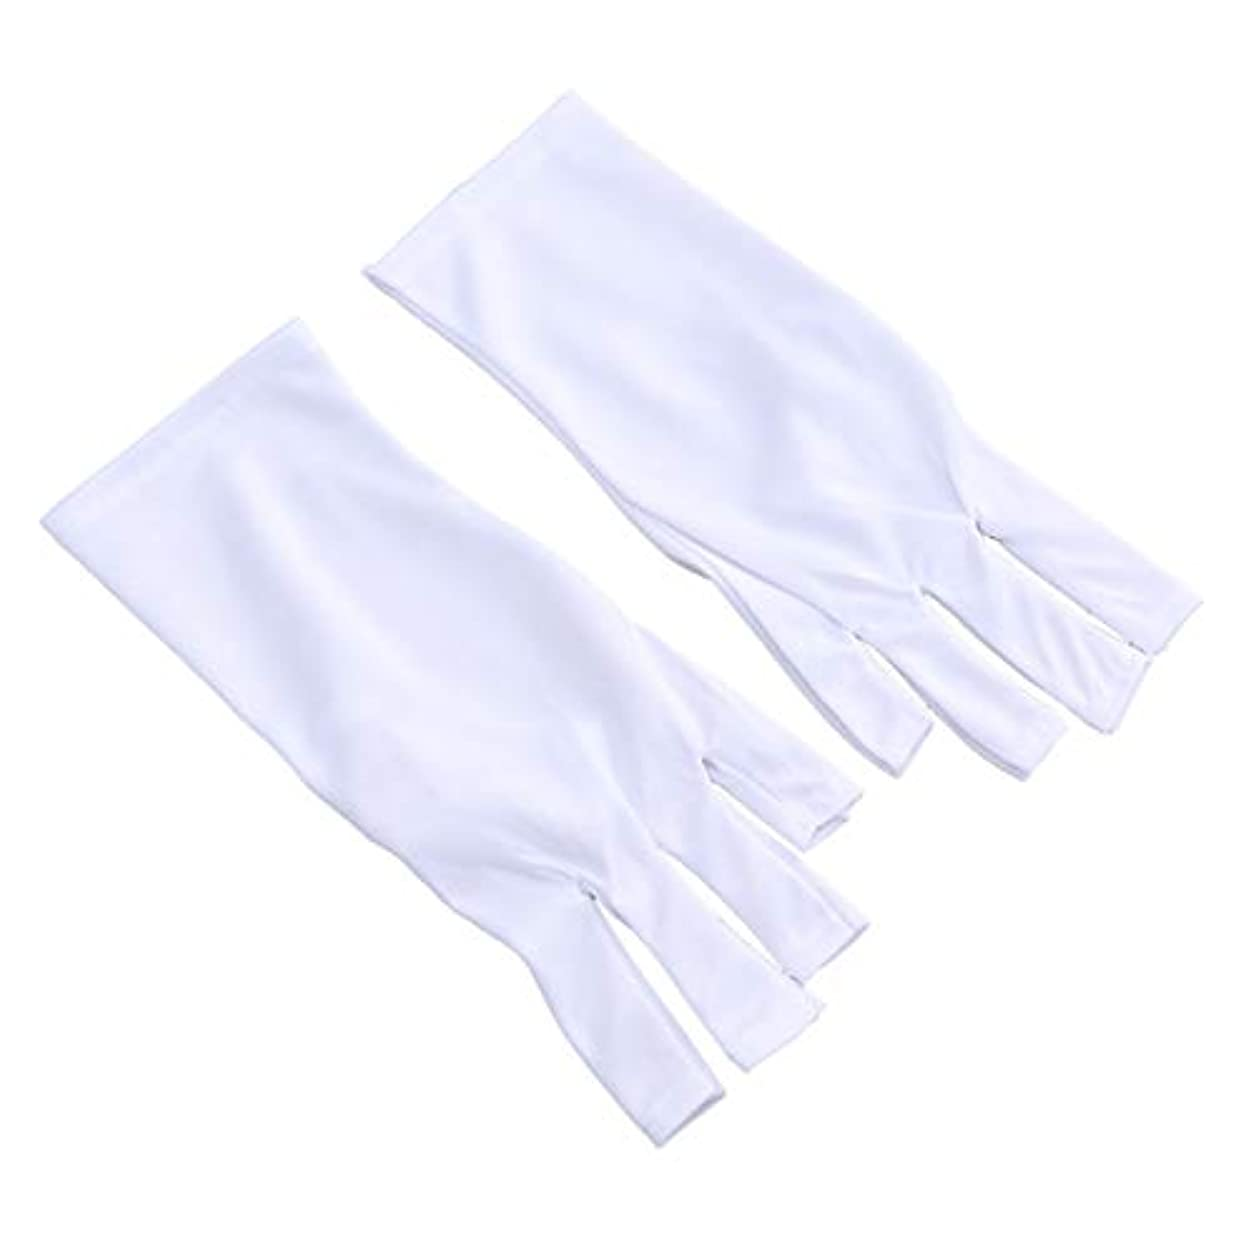 窓を必要としていますヒープFrcolor 抗uv手袋 ネイル 手袋 ネイルアート グローブ ジェルネイル用 紫外線防止 マニキュアドライヤーツール 2ペア(25cm ショートホワイトUVグローブ)